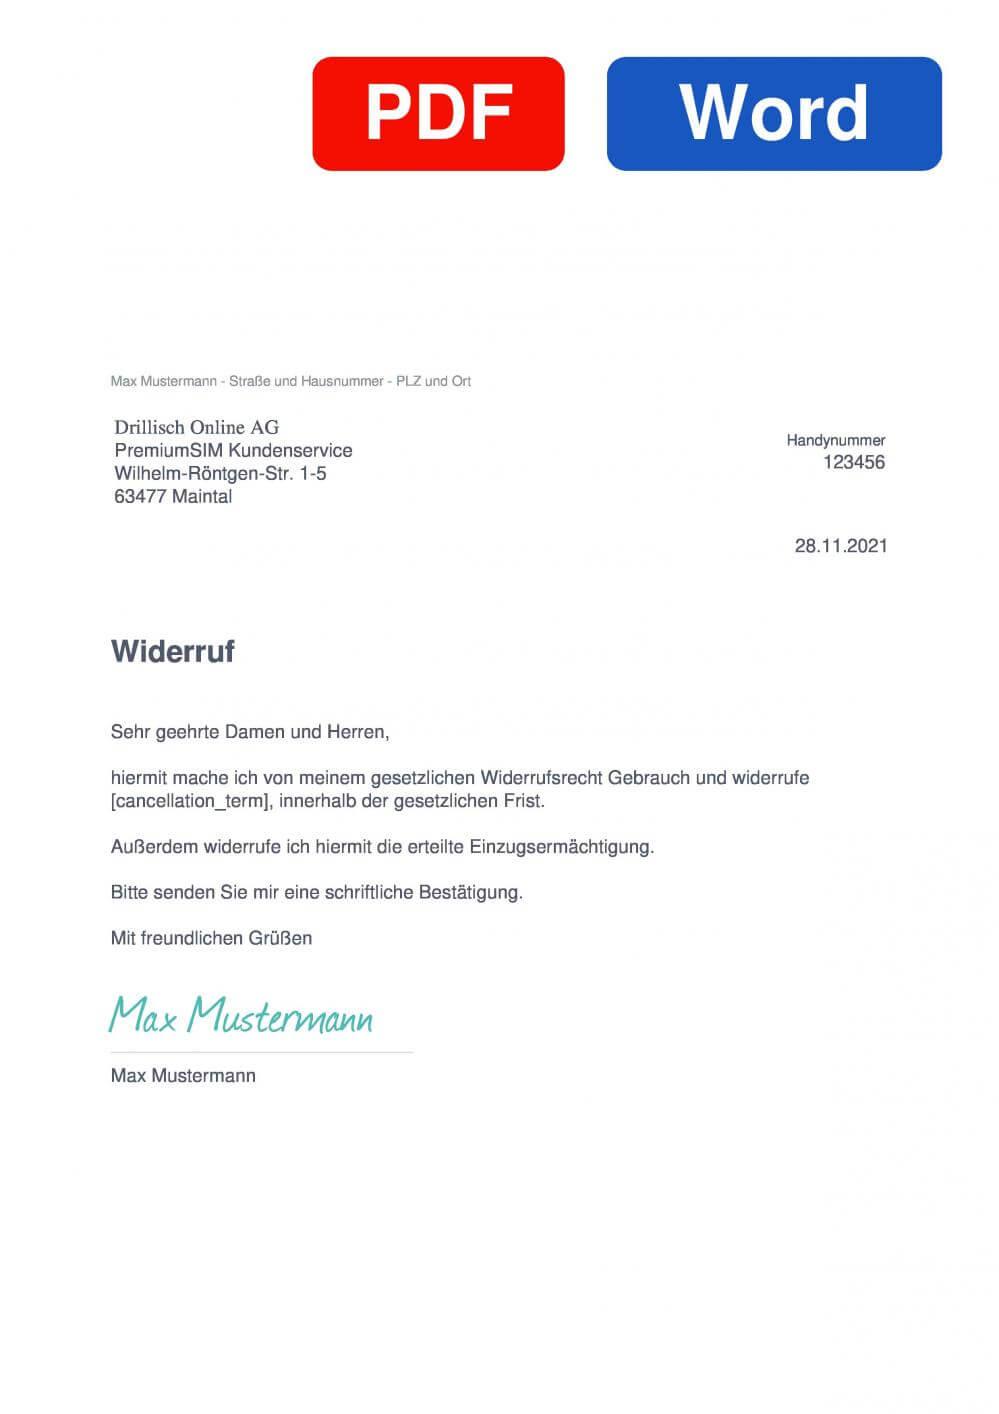 PremiumSIM Muster Vorlage für Wiederrufsschreiben